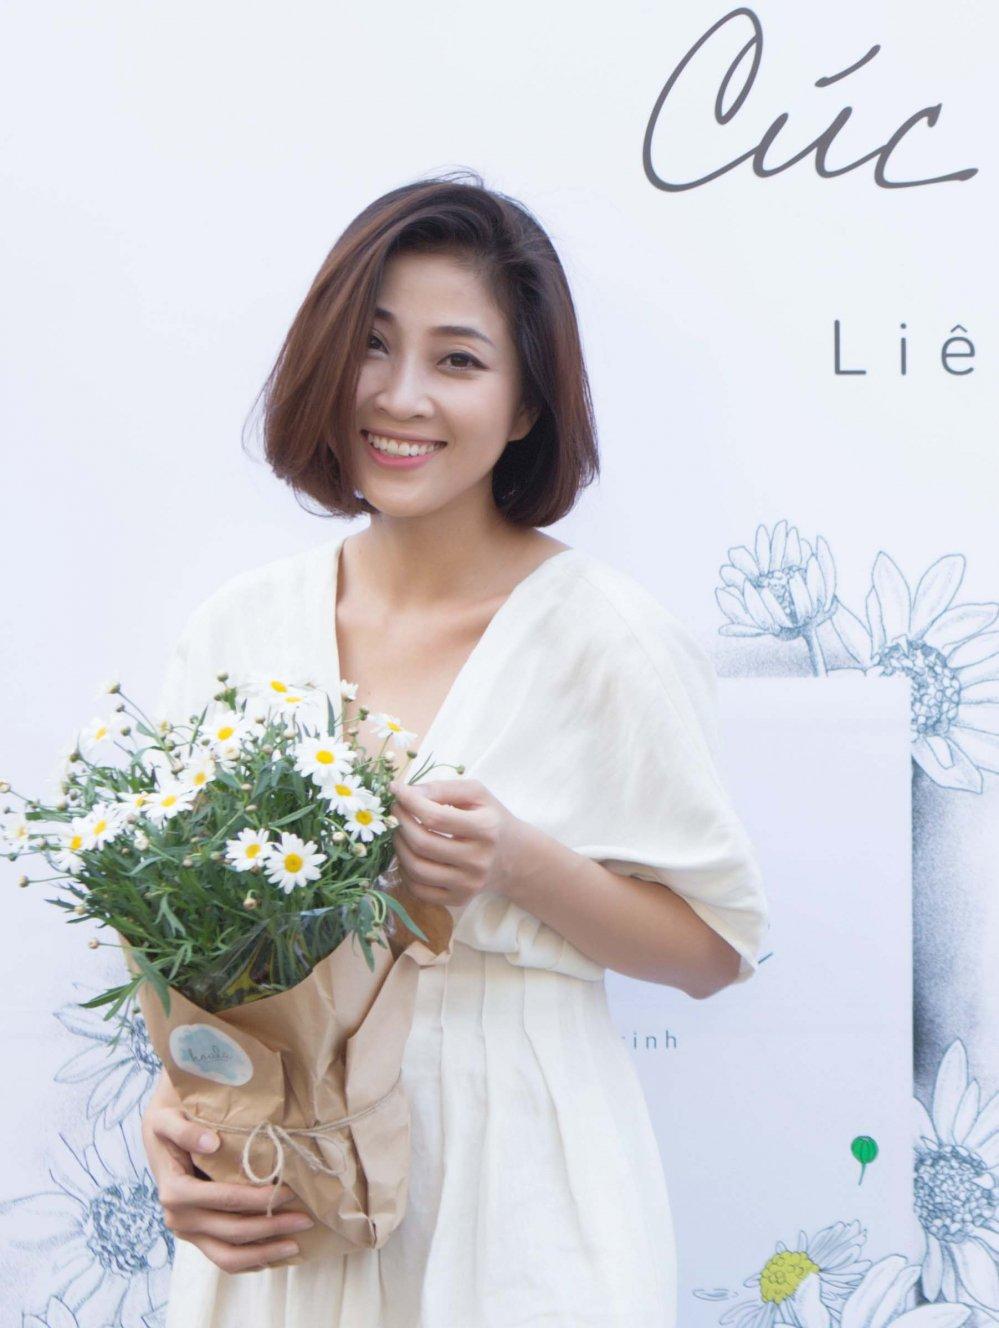 'En vang' Lieu Ha Trinh: 'Cam on nhung nguoi dan ong lam toi ton thuong' hinh anh 1